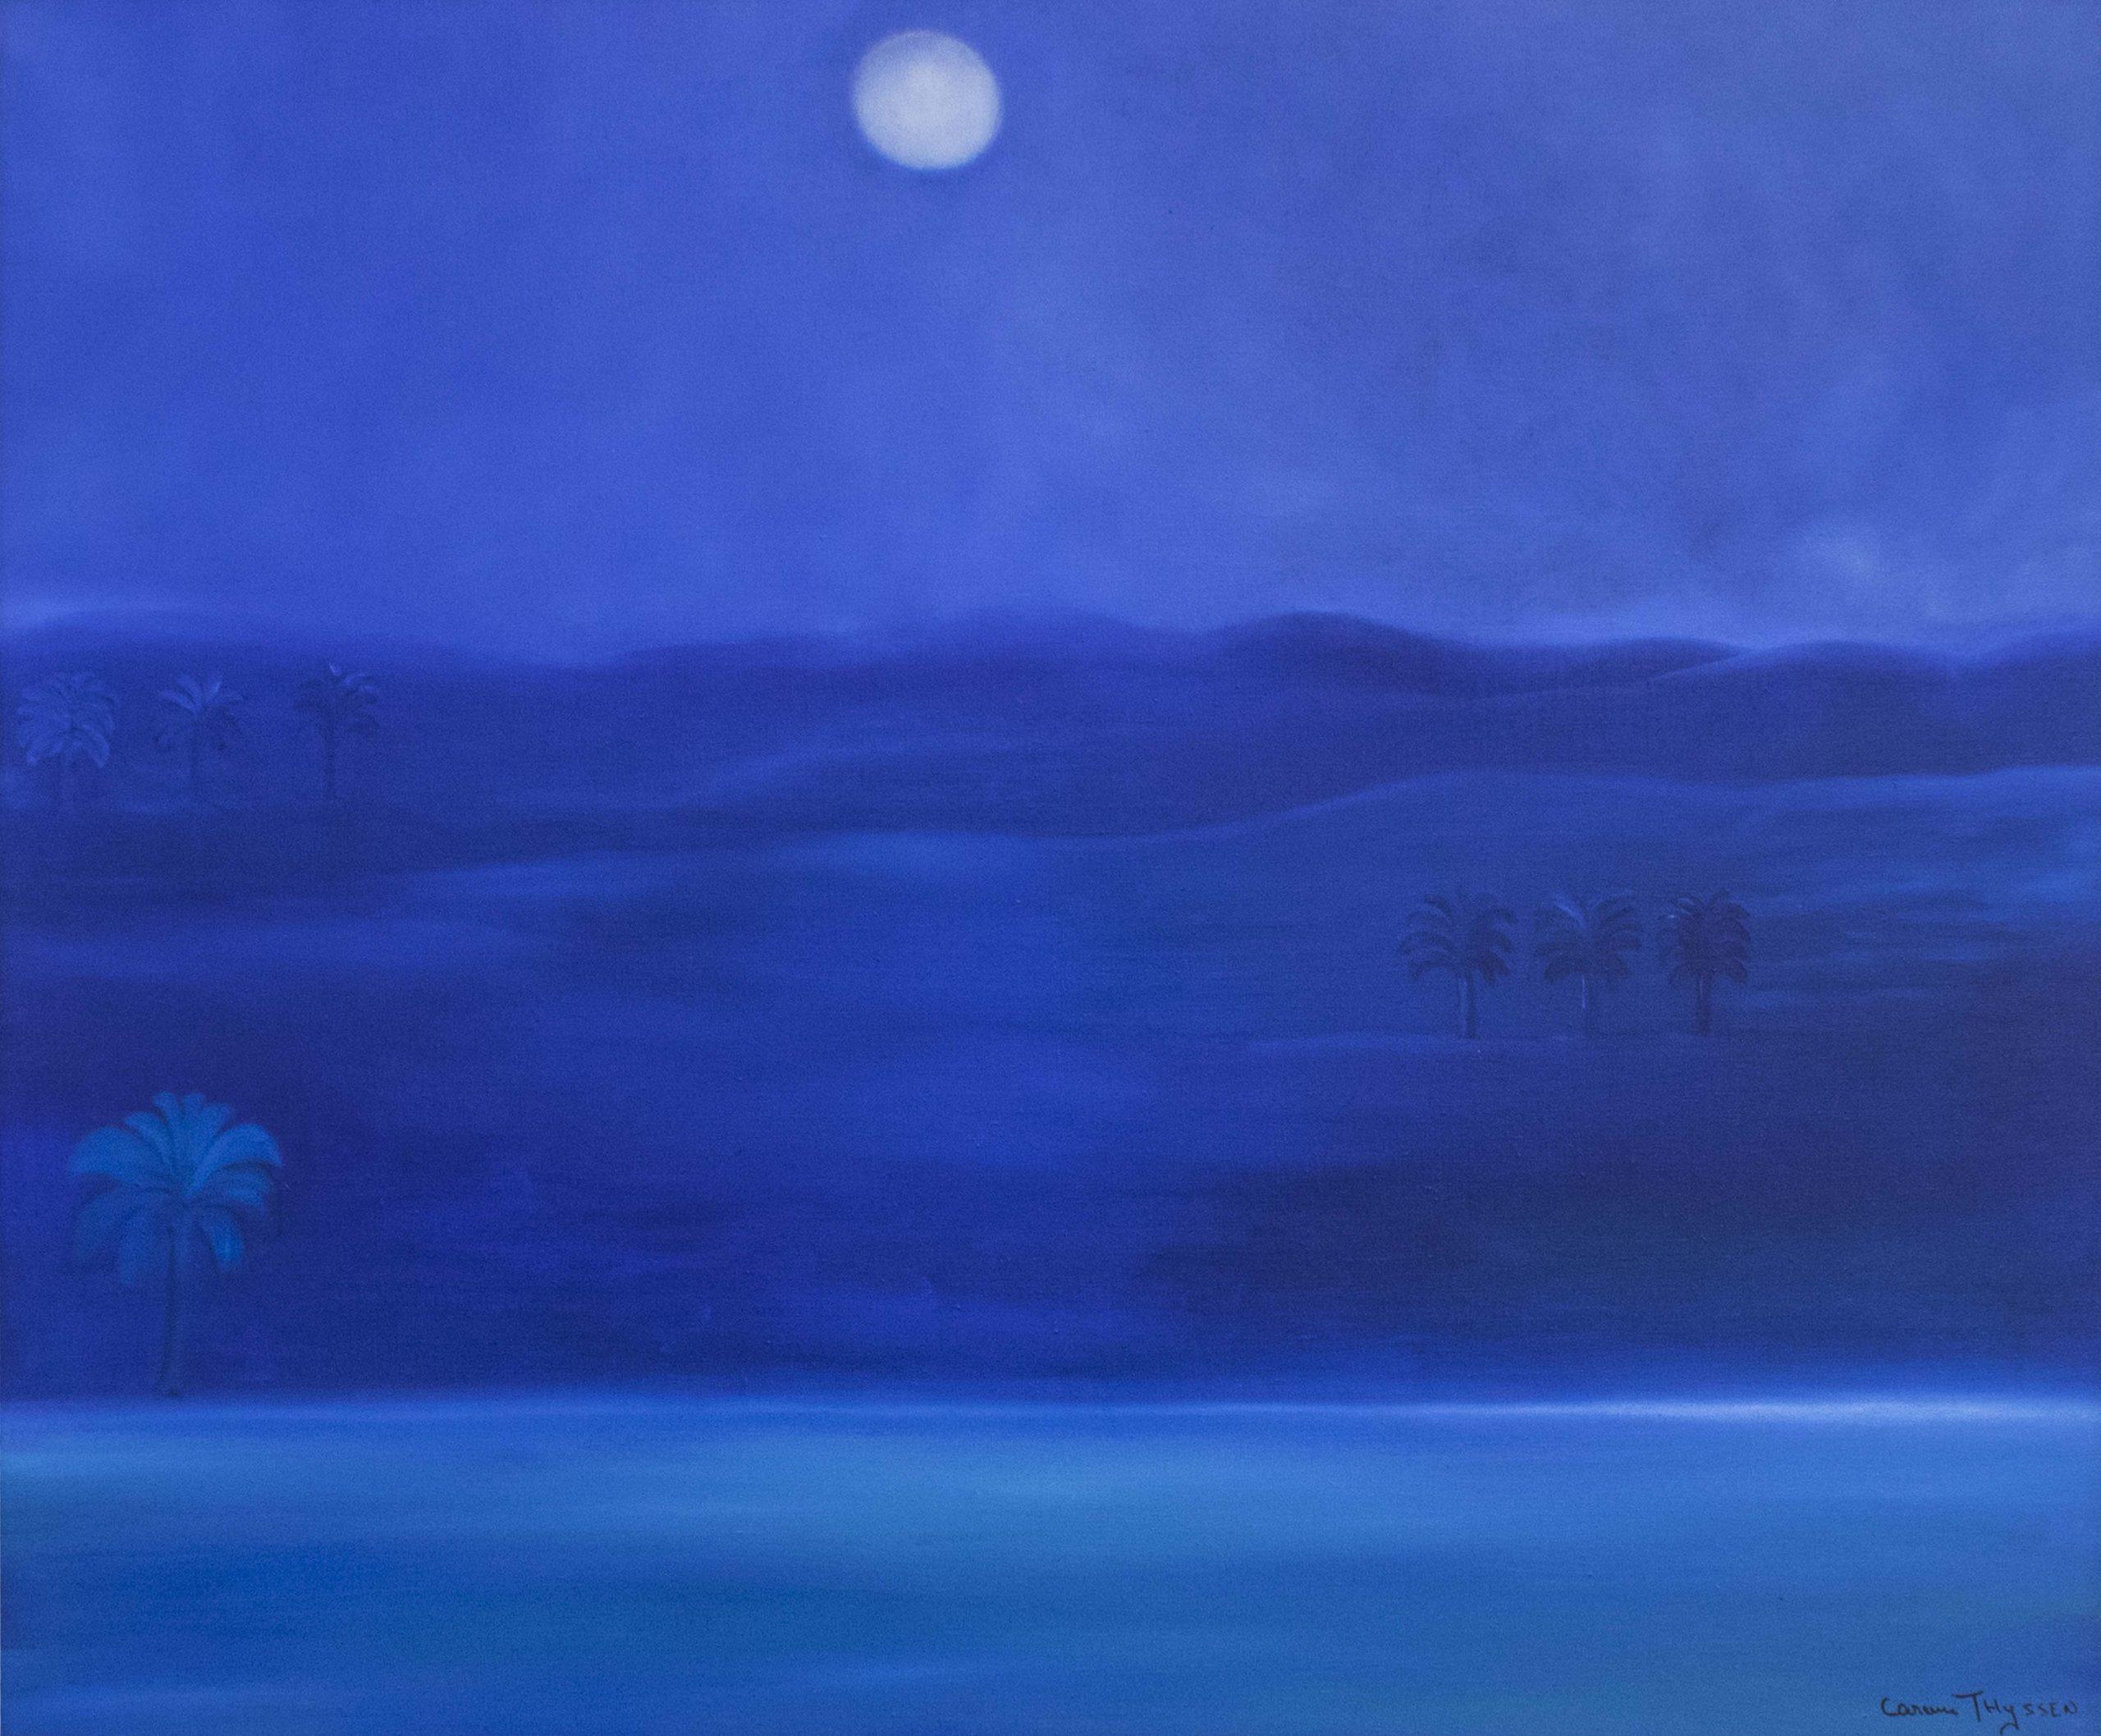 Luna, 2004 - Carmen Thyssen Bornemisza Image